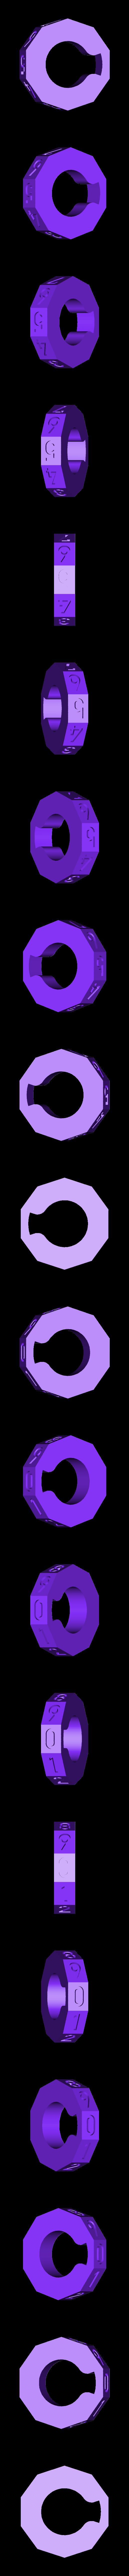 Wheel0.stl Télécharger fichier STL gratuit Kit de verrouillage de permutation personnalisable (verrouillage à combinaison) • Objet pour impression 3D, plasticpasta